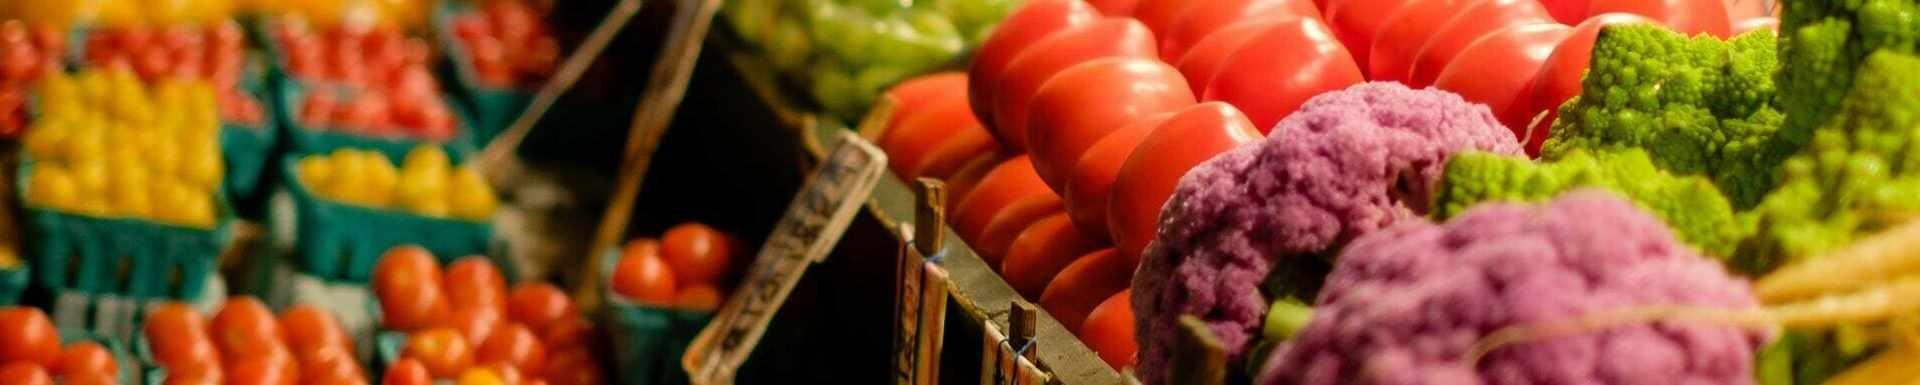 Ahora con Glovo fruta y verdura a domicilio